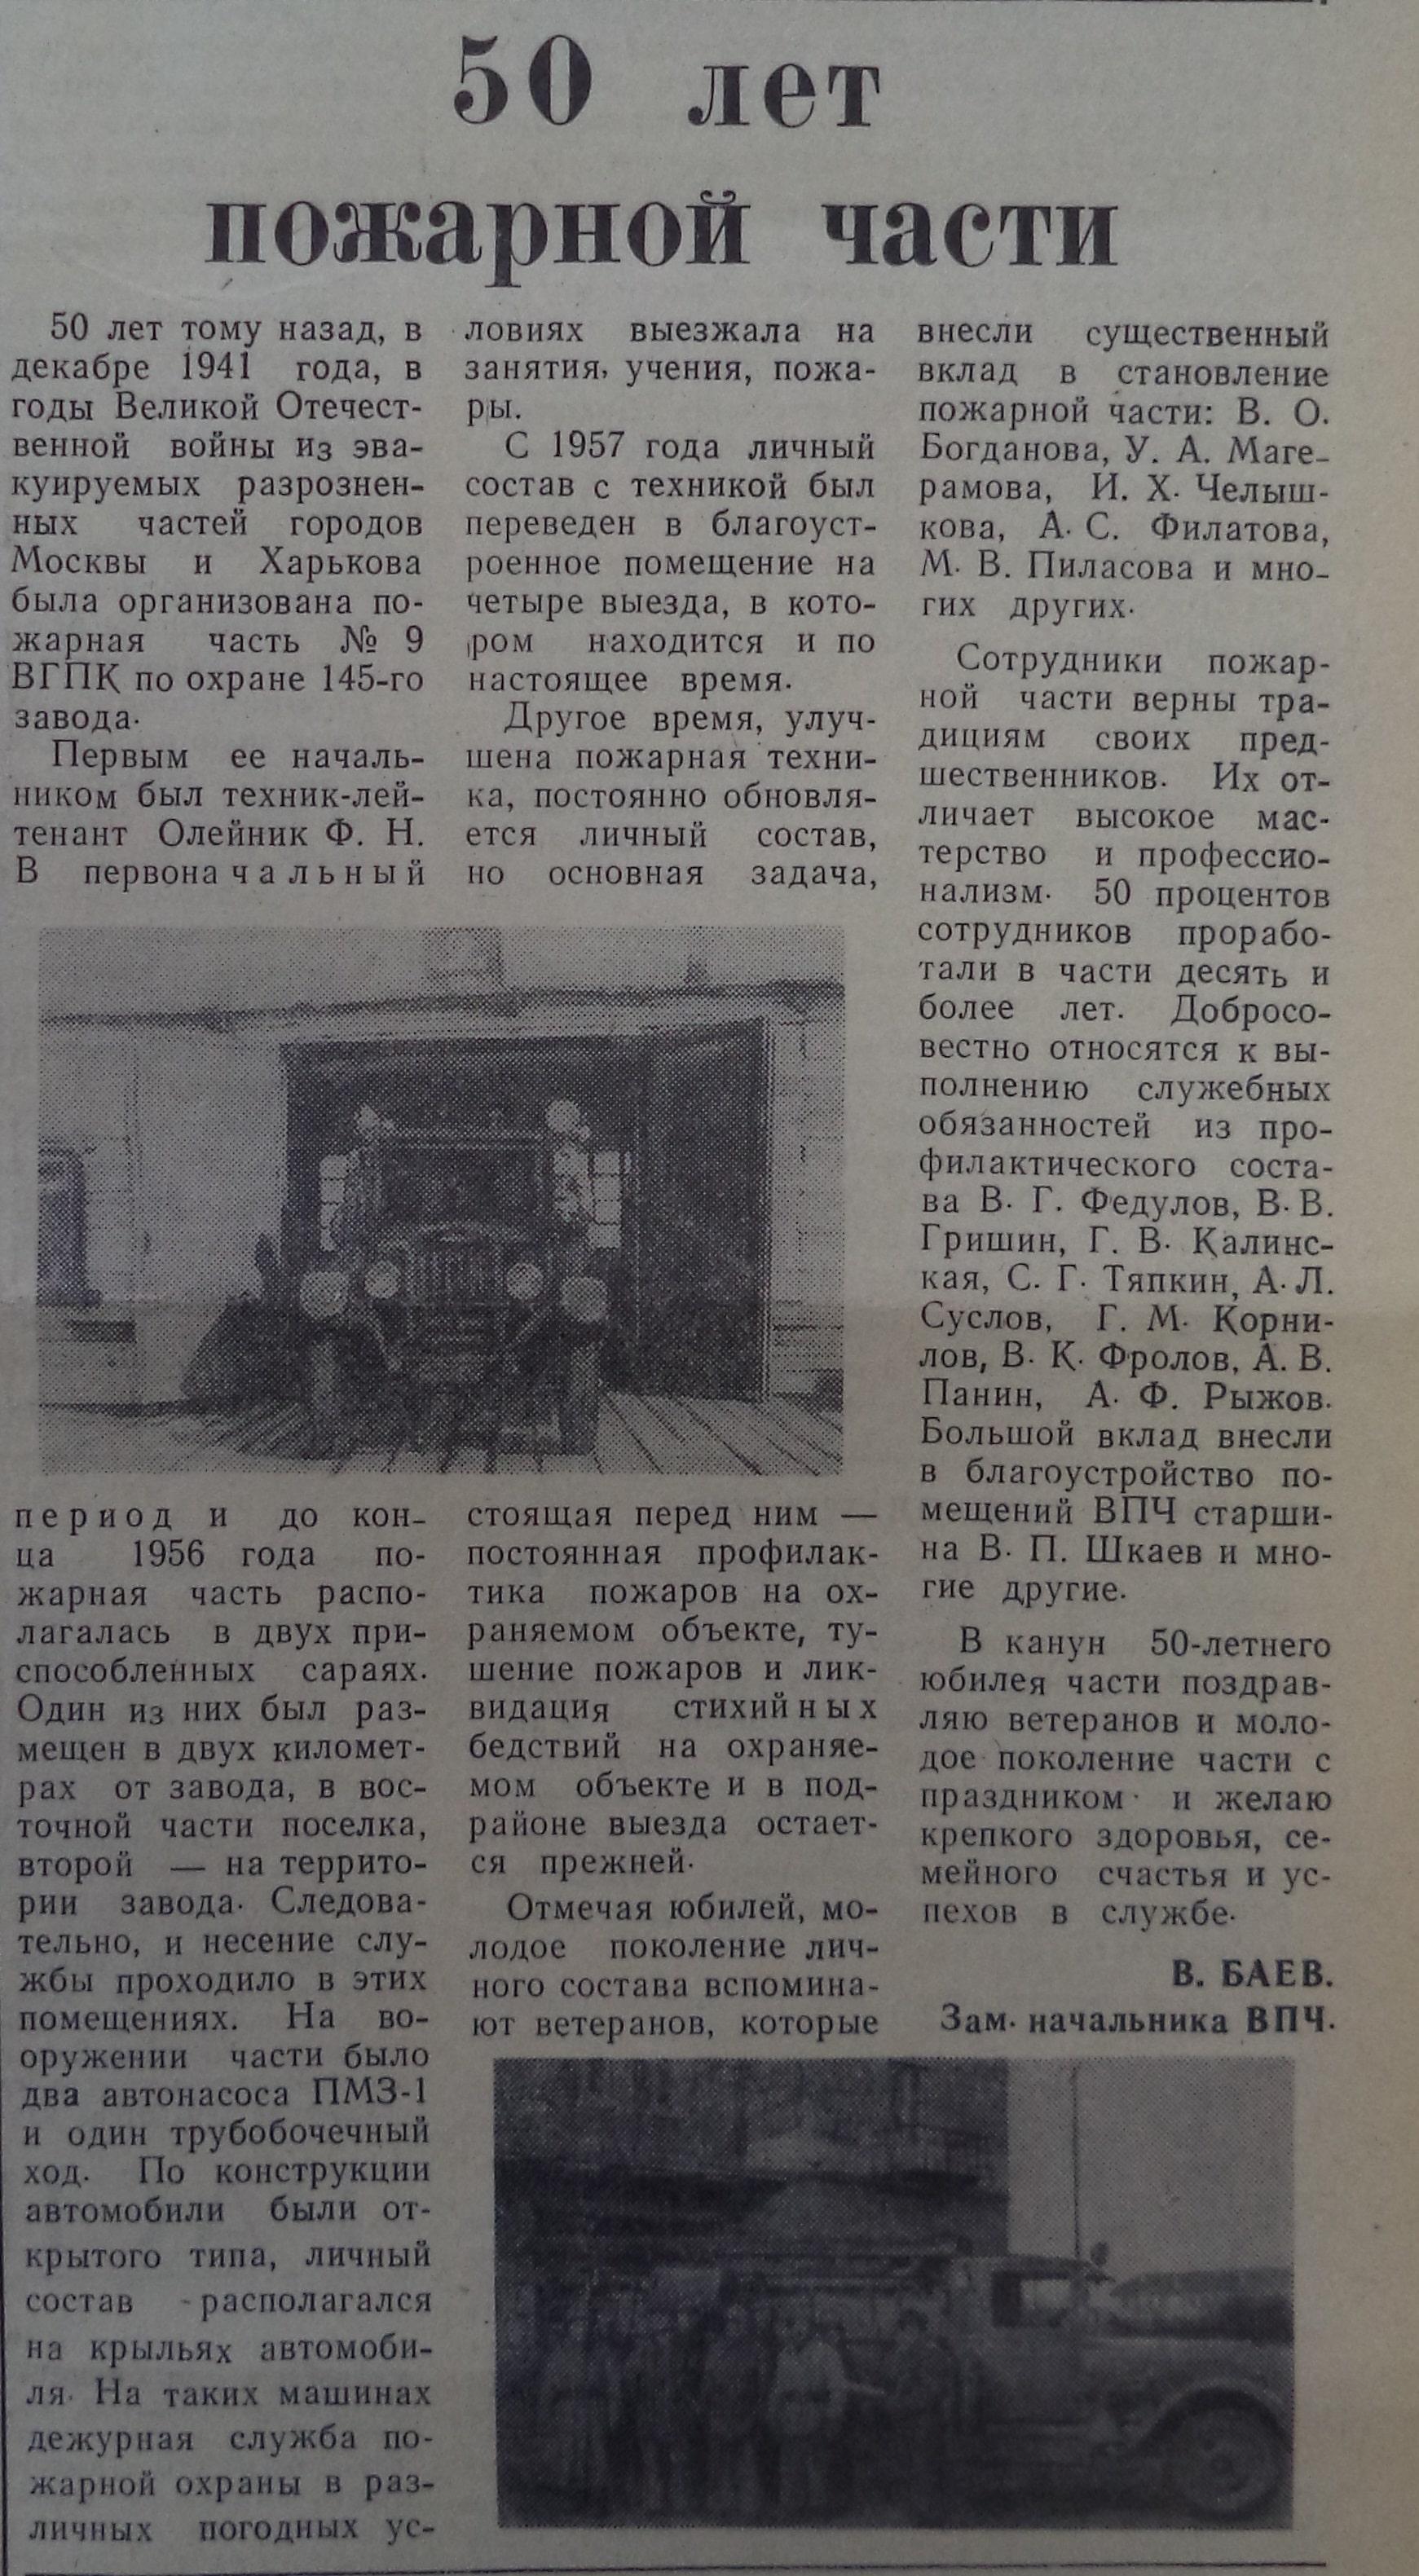 Сергея Лазо-ФОТО-38-Маяк-1991-12-20-50 лет пожарной части-min